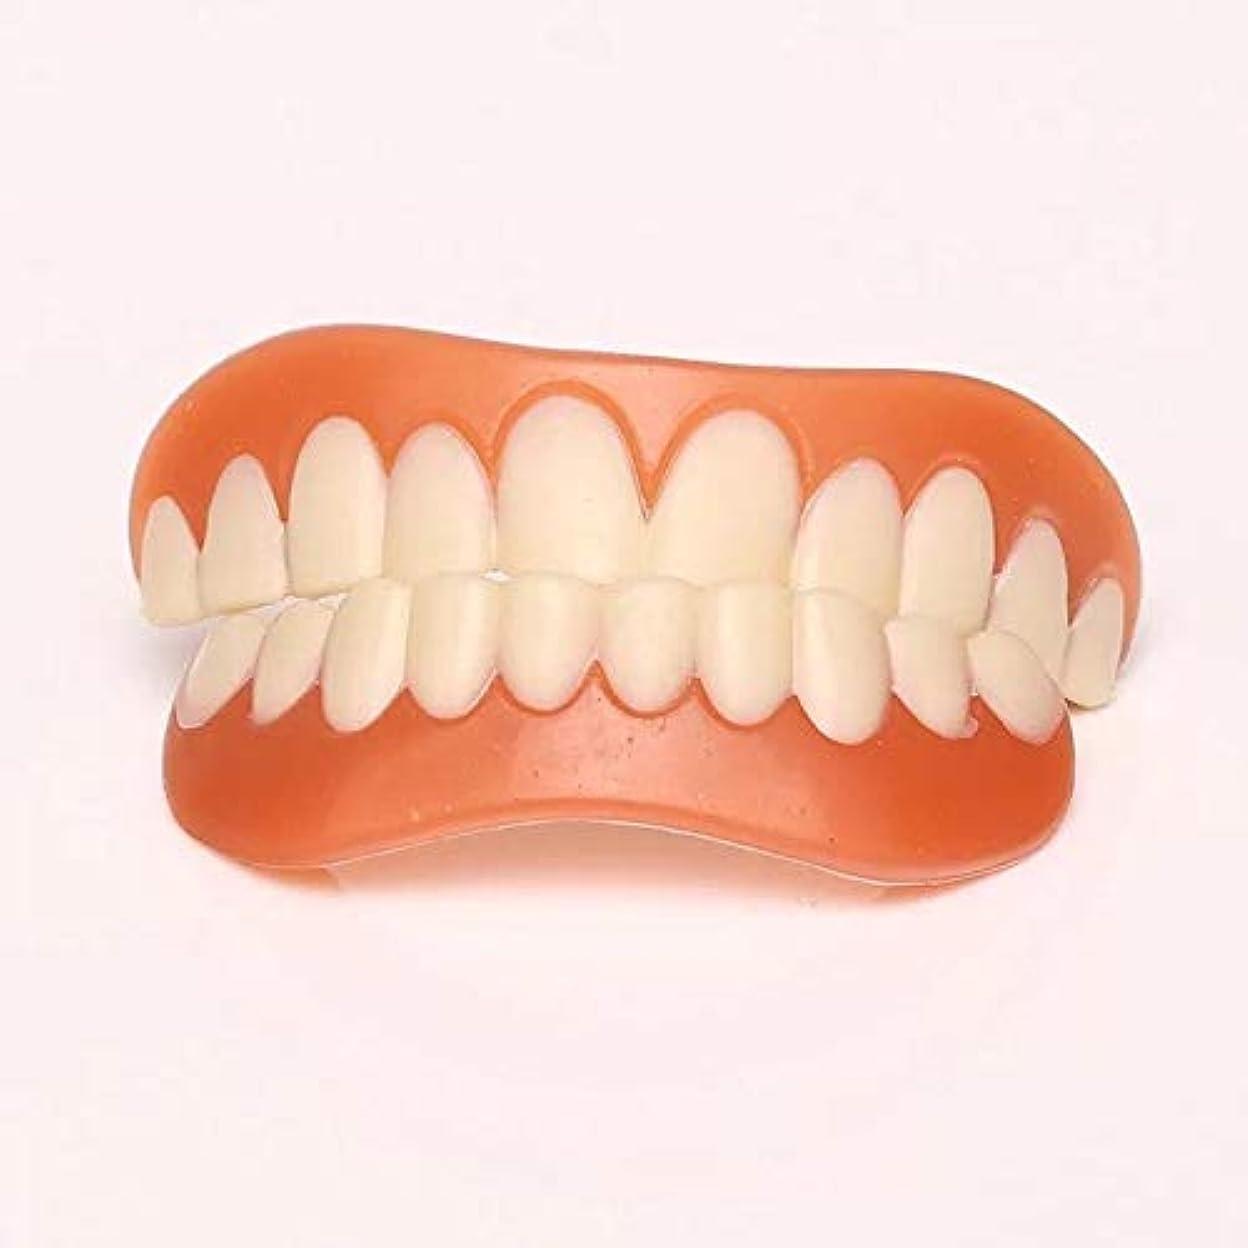 芽ブレーキしてはいけませんシリコーンシミュレーション歯の義歯スリーブ、上下列ホワイトニング歯ステッカー(1セット),A